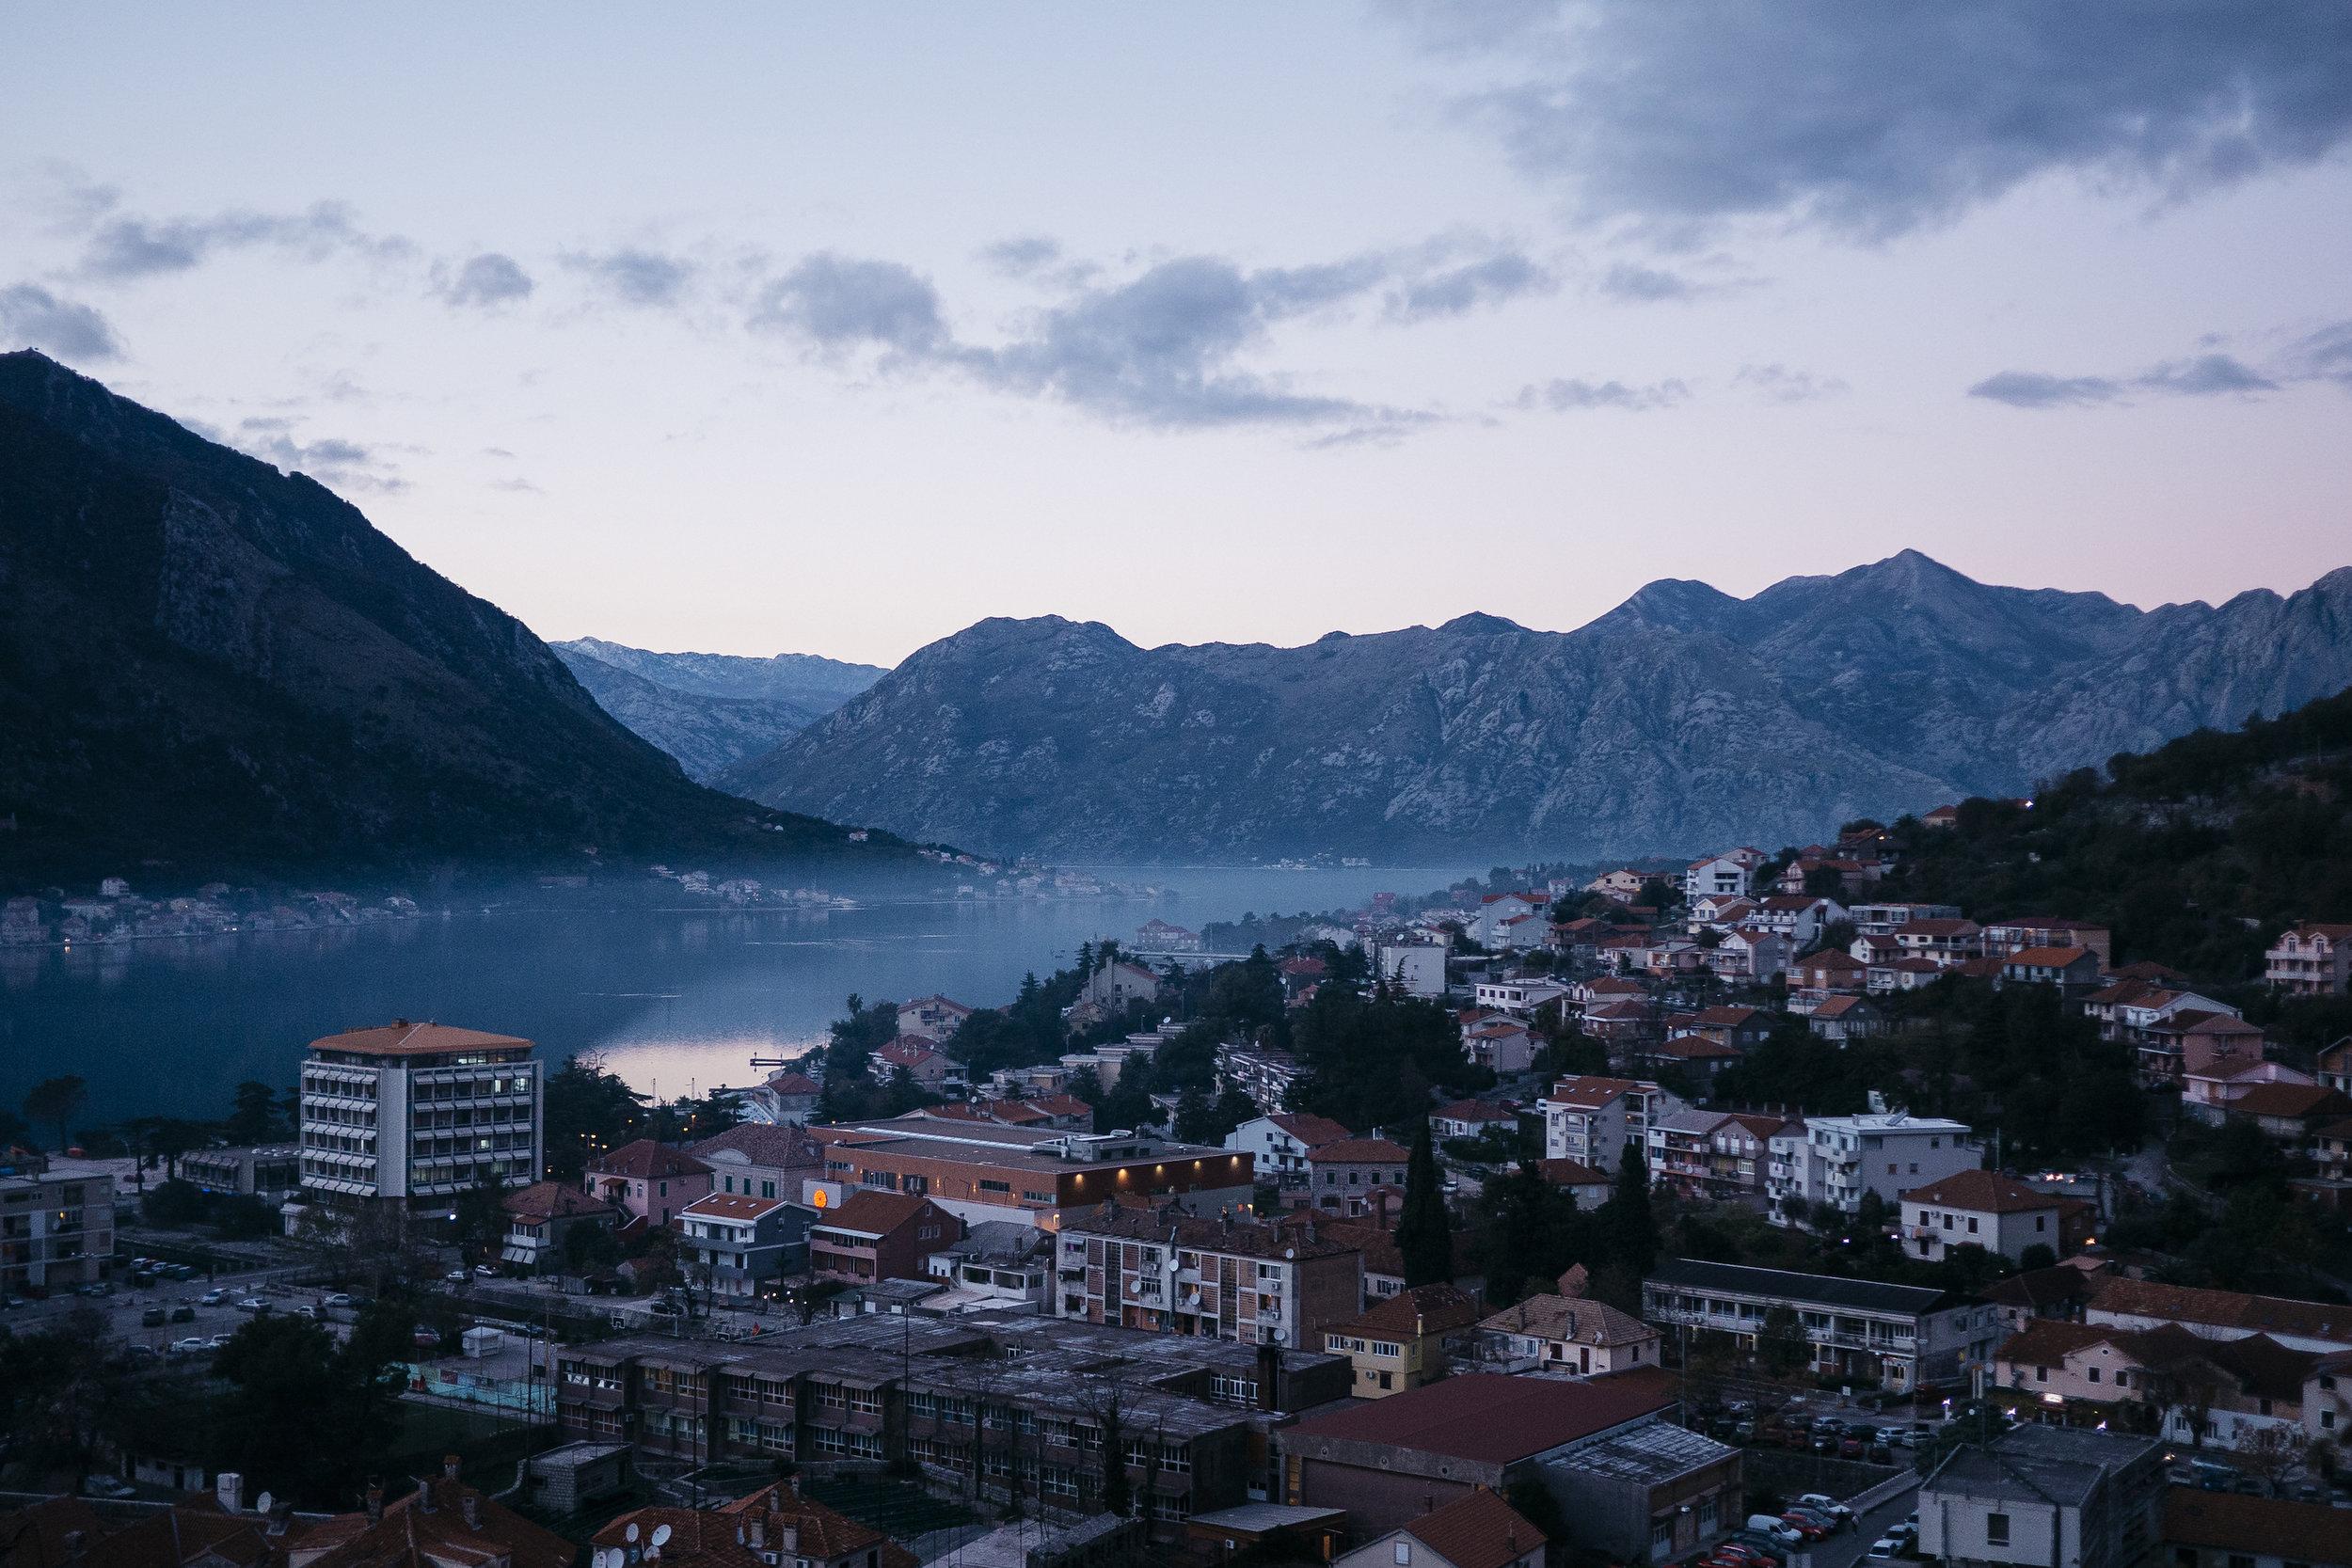 Kotor Bay, Montenegro - 2013